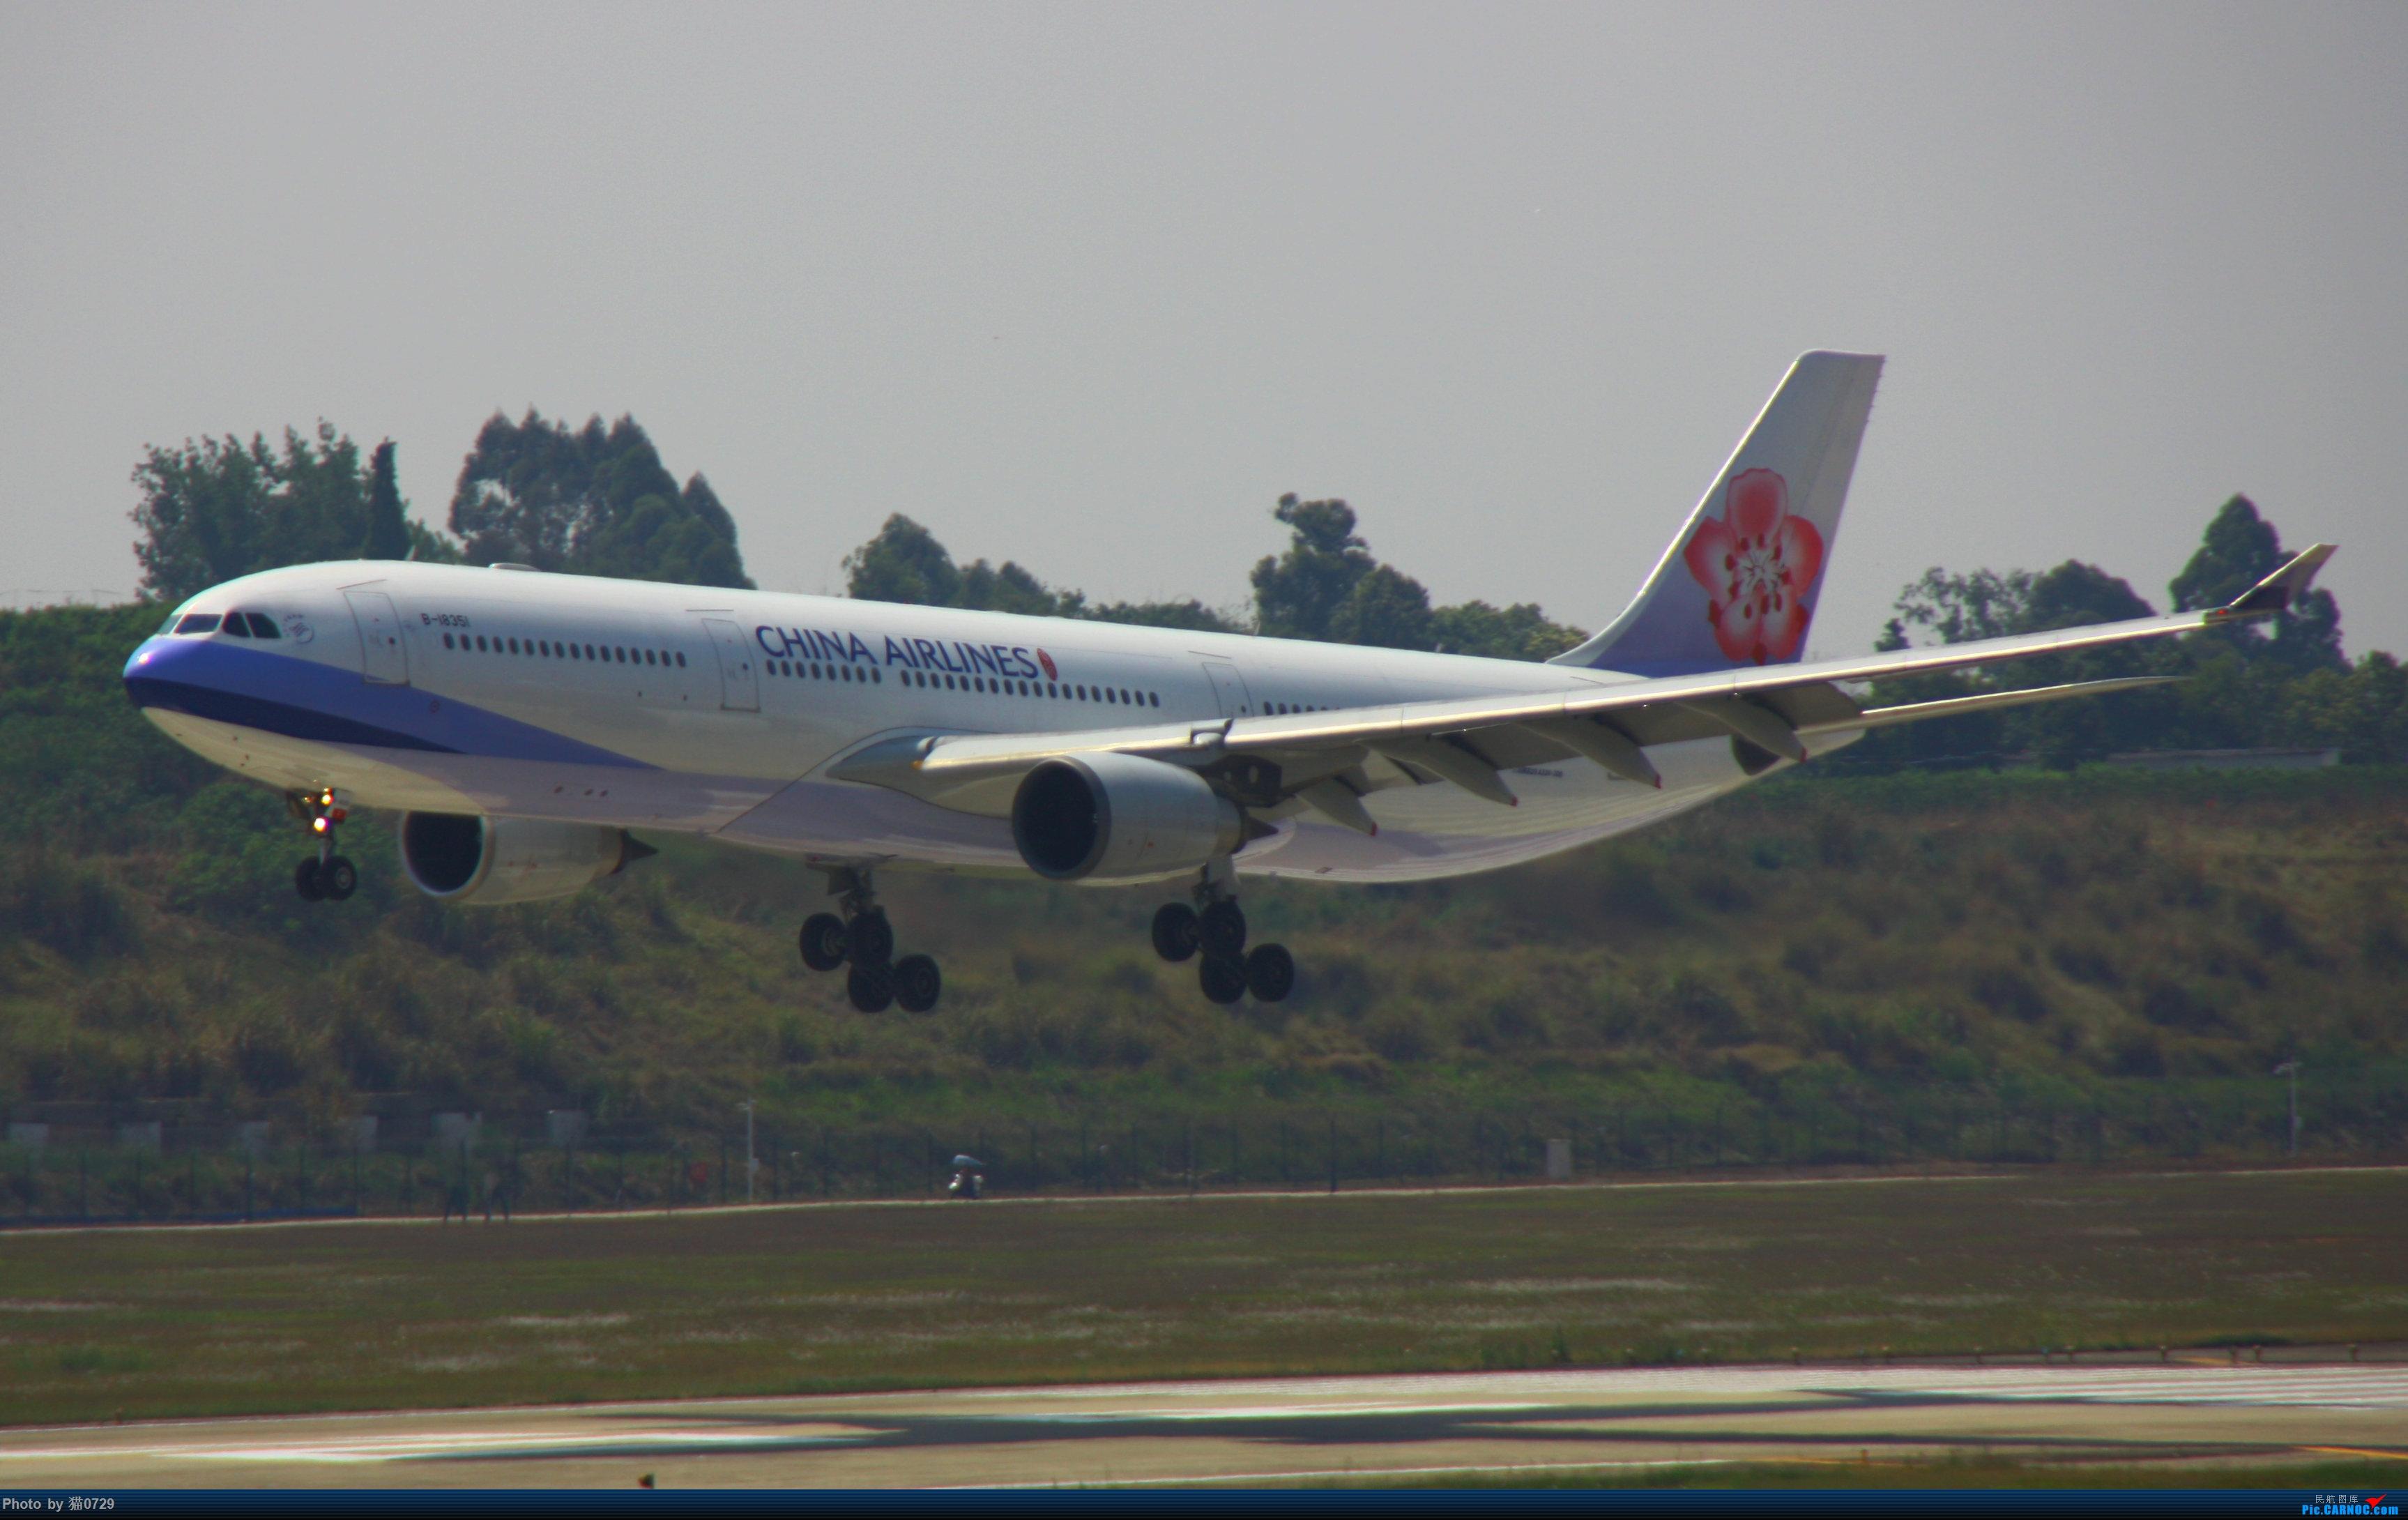 Re:[原创]跑道洞两右,气温三拐,六点五小时坚守双流 AIRBUS A330-300 B-18351 中国成都双流国际机场